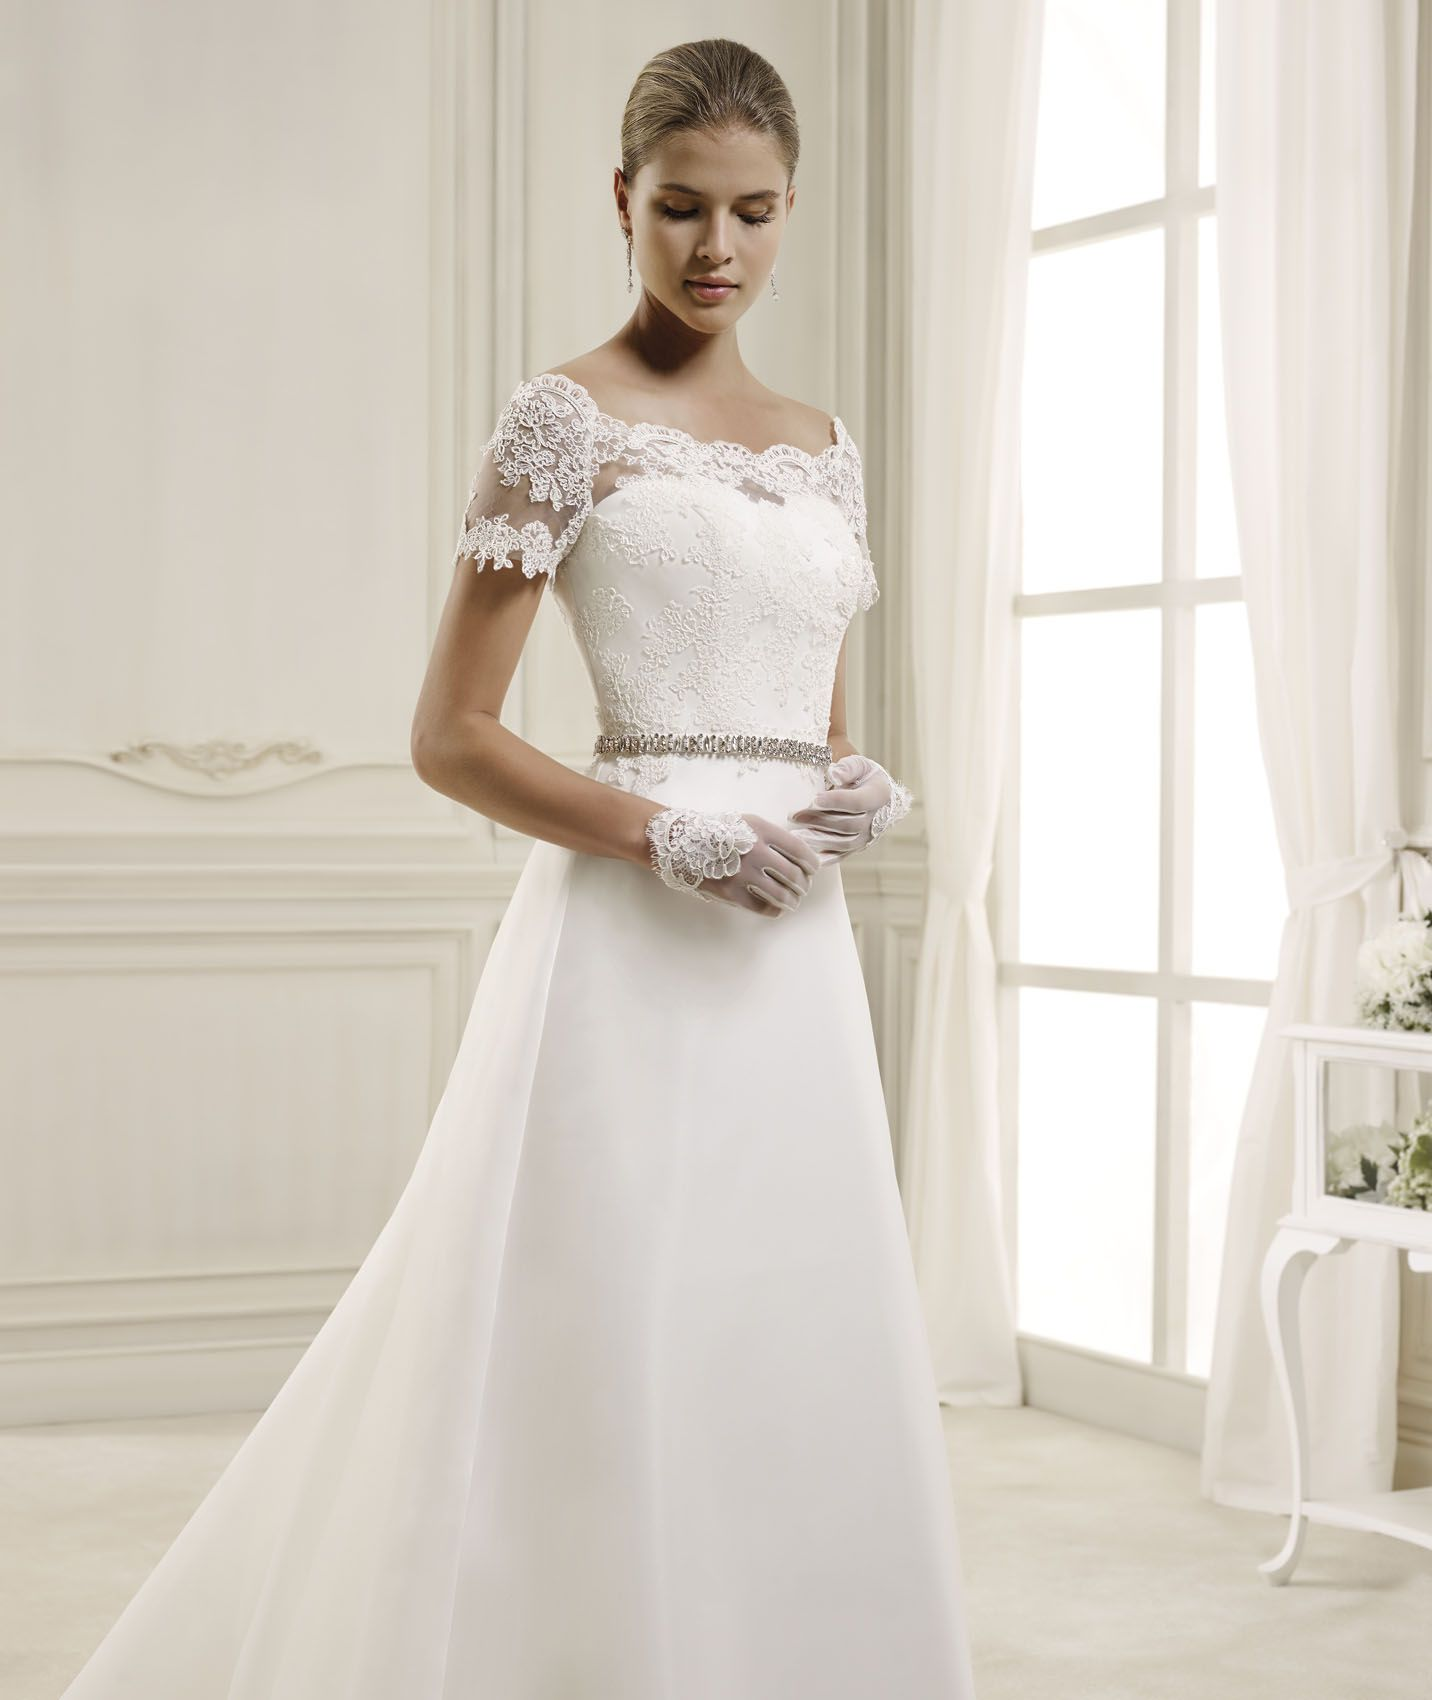 Abito da Sposa NIAB14034IV collezione NICOLE 2014, Nicole Spose  weddingbrand.com